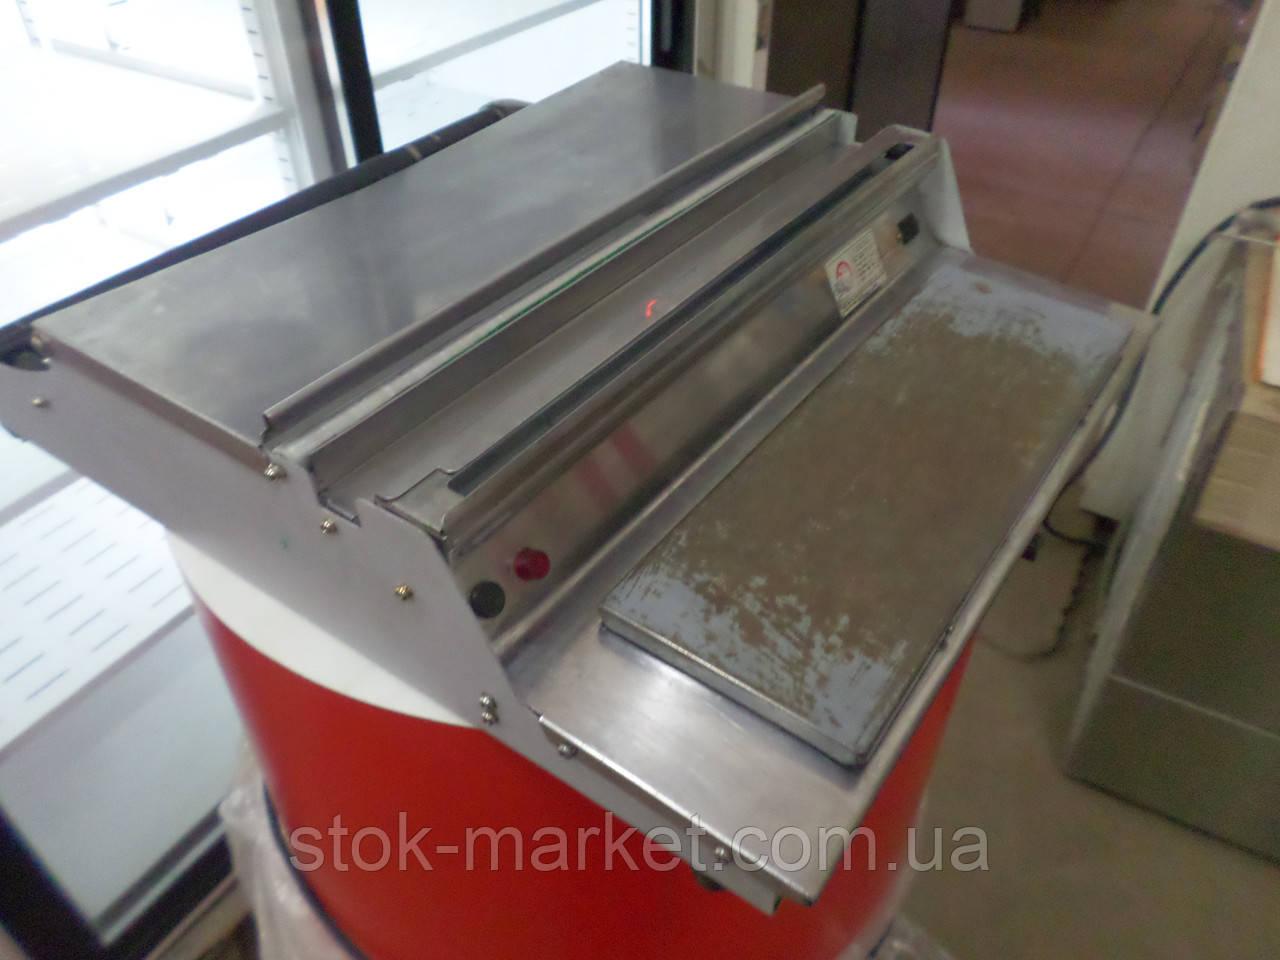 Оборудование Горячий стол для упаковки